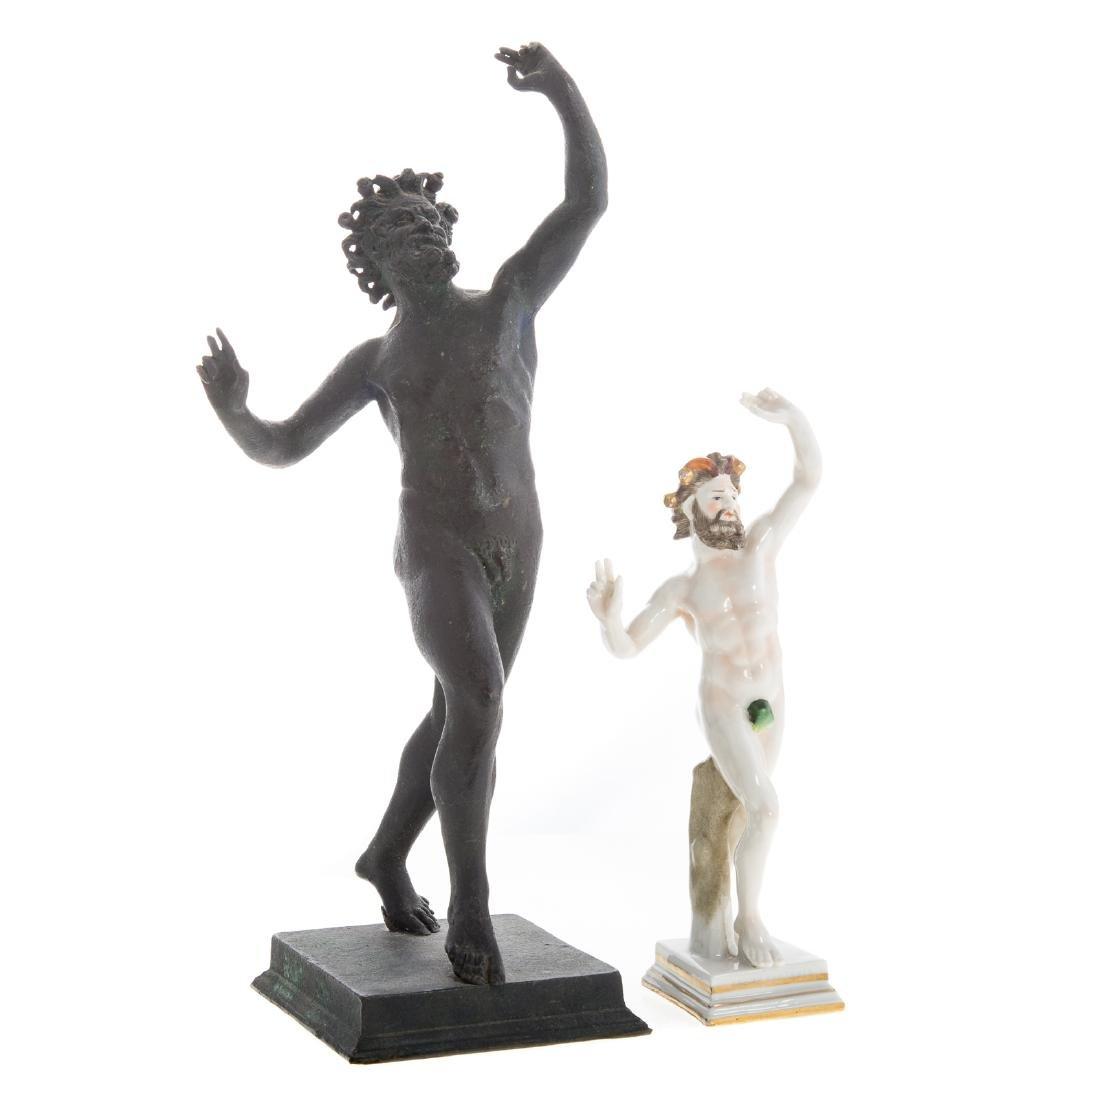 Italian Grande Tour bronze faun